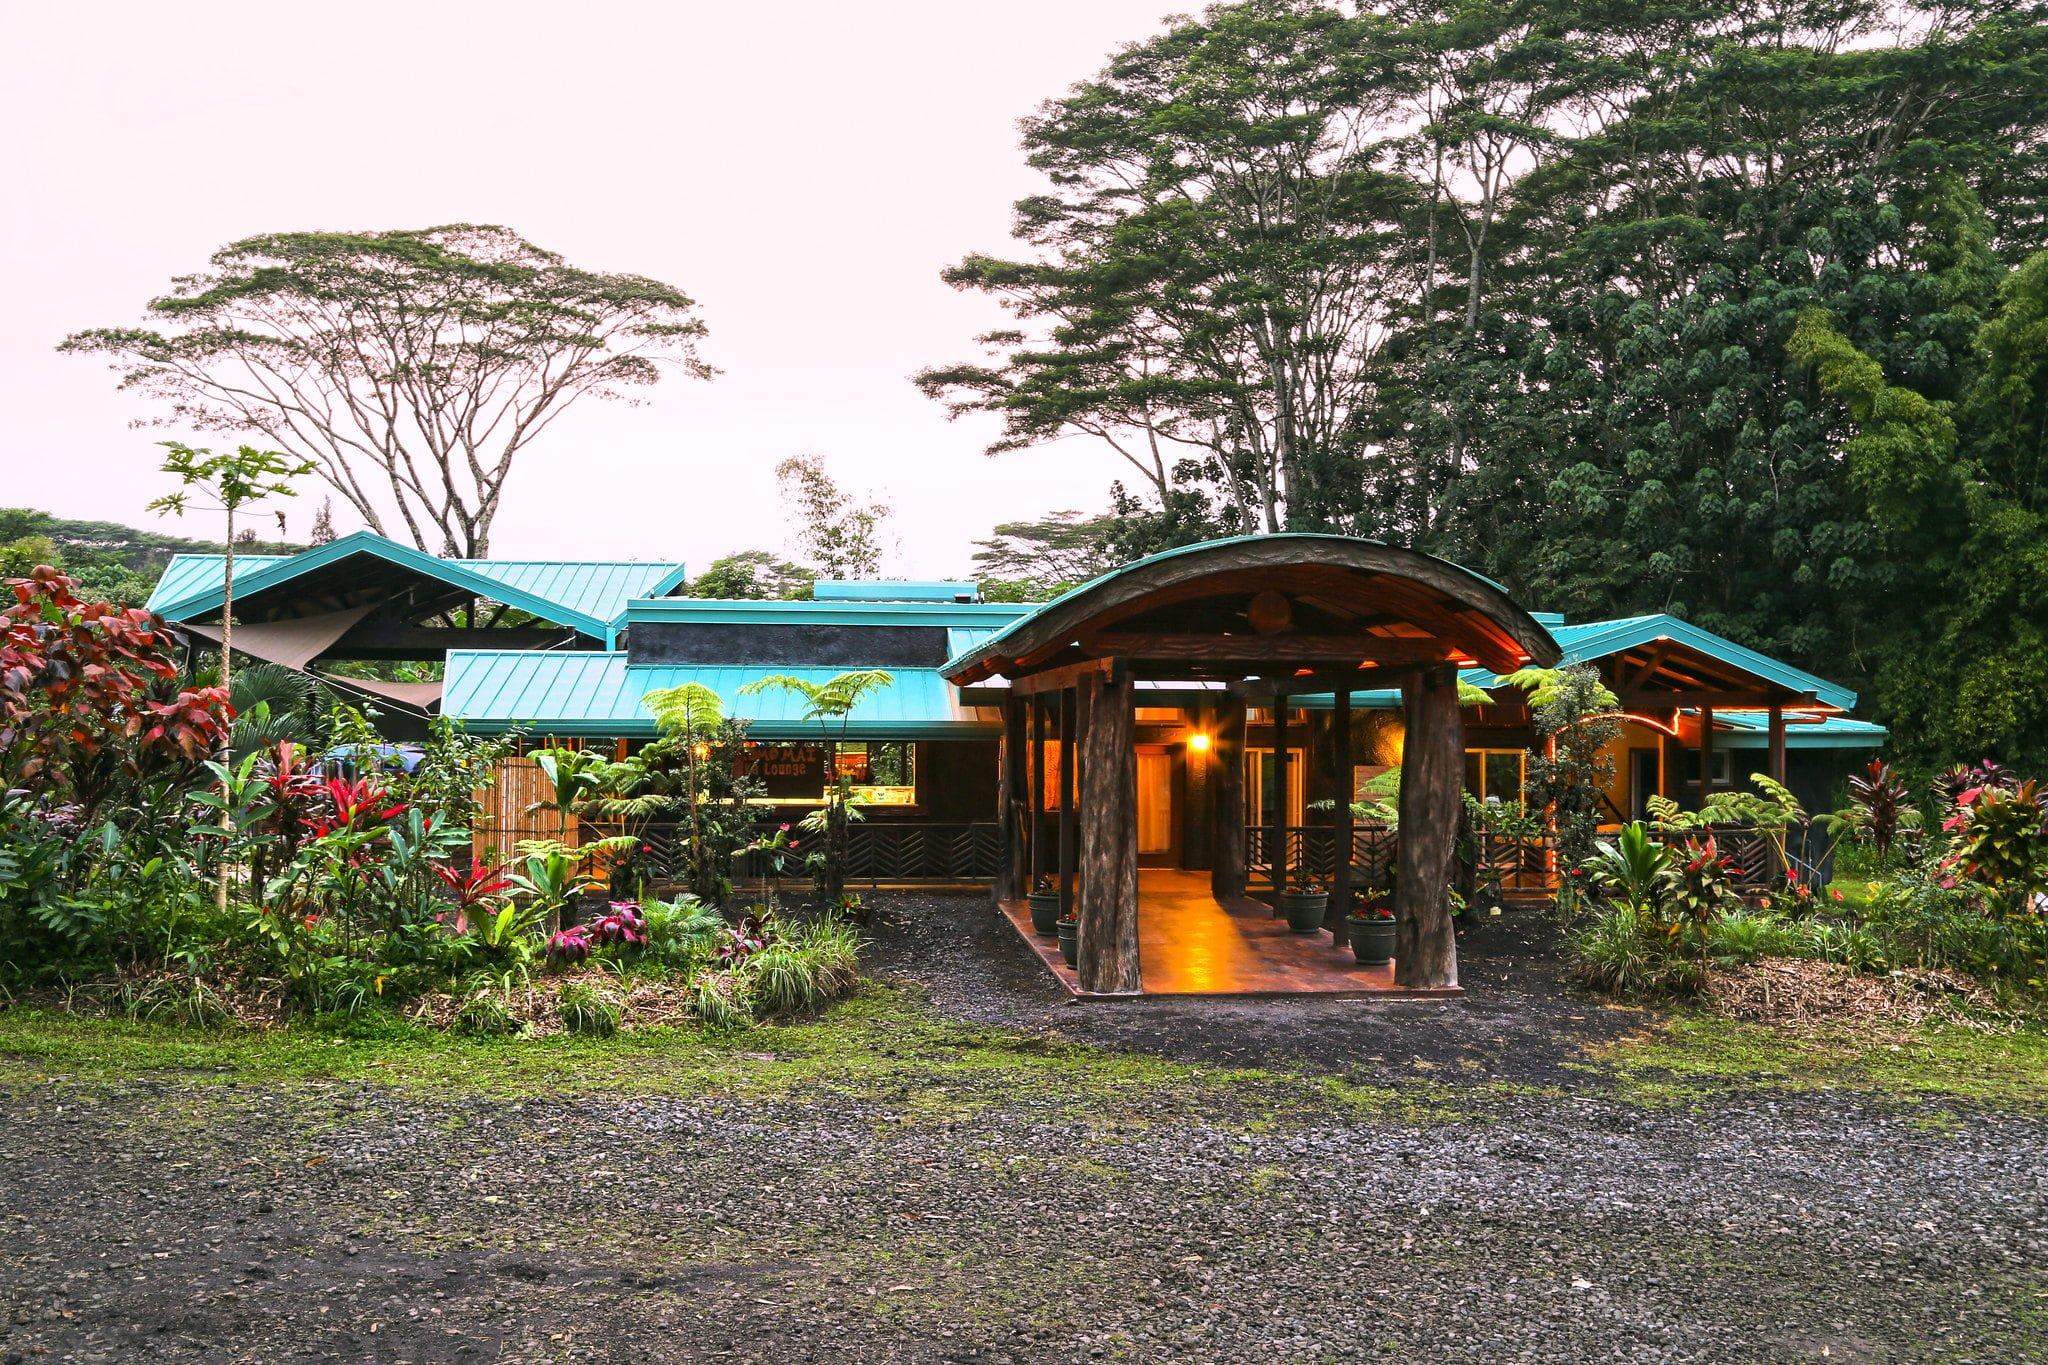 Hawaiian Sanctuary Retreat Center